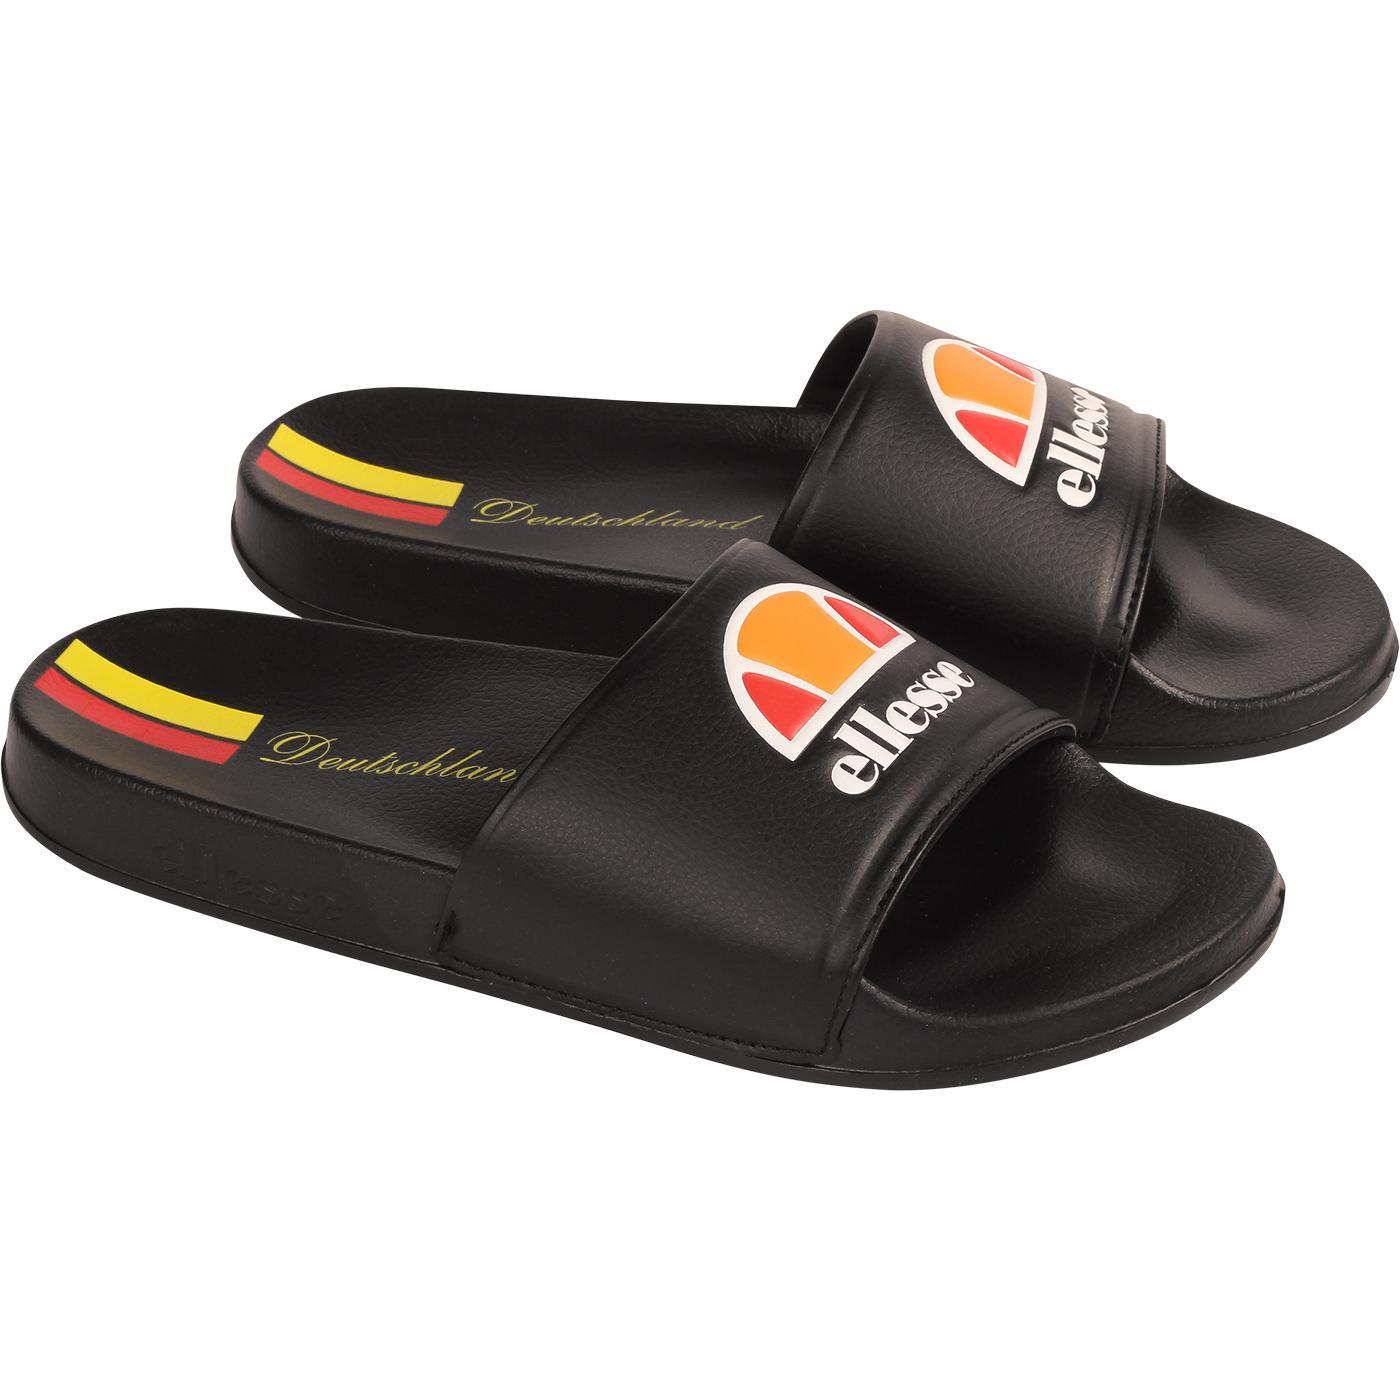 Joga ELLESSE Retro Beach Slide Sandal (Germany)